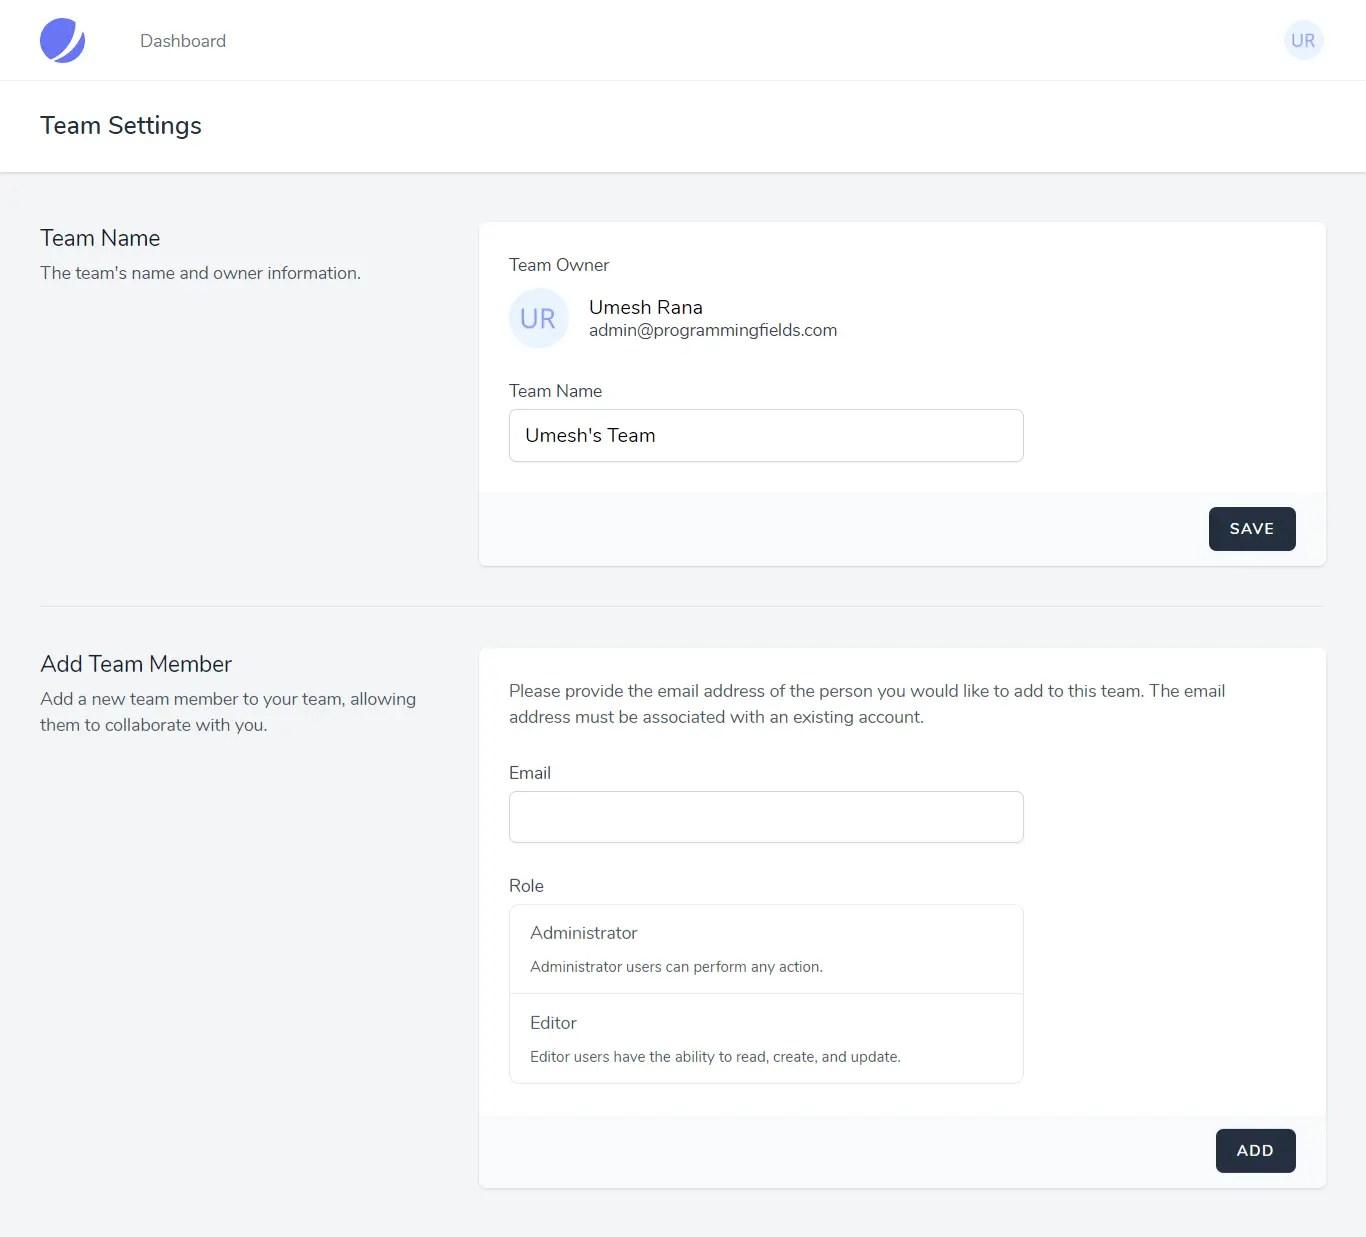 Team member settings